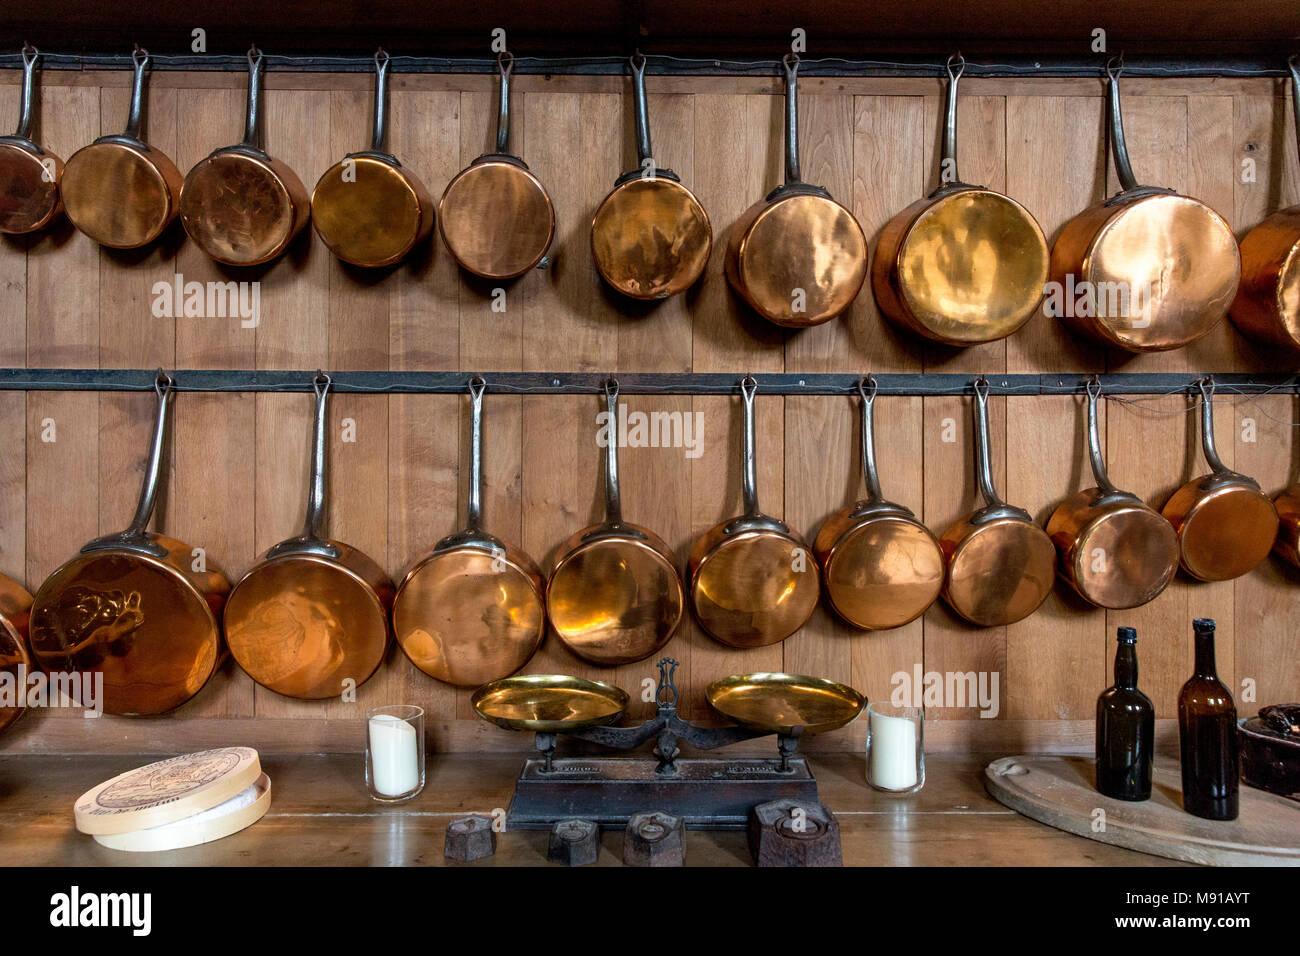 Vaux-le-vicomte. Cuisine. La France. Photo Stock